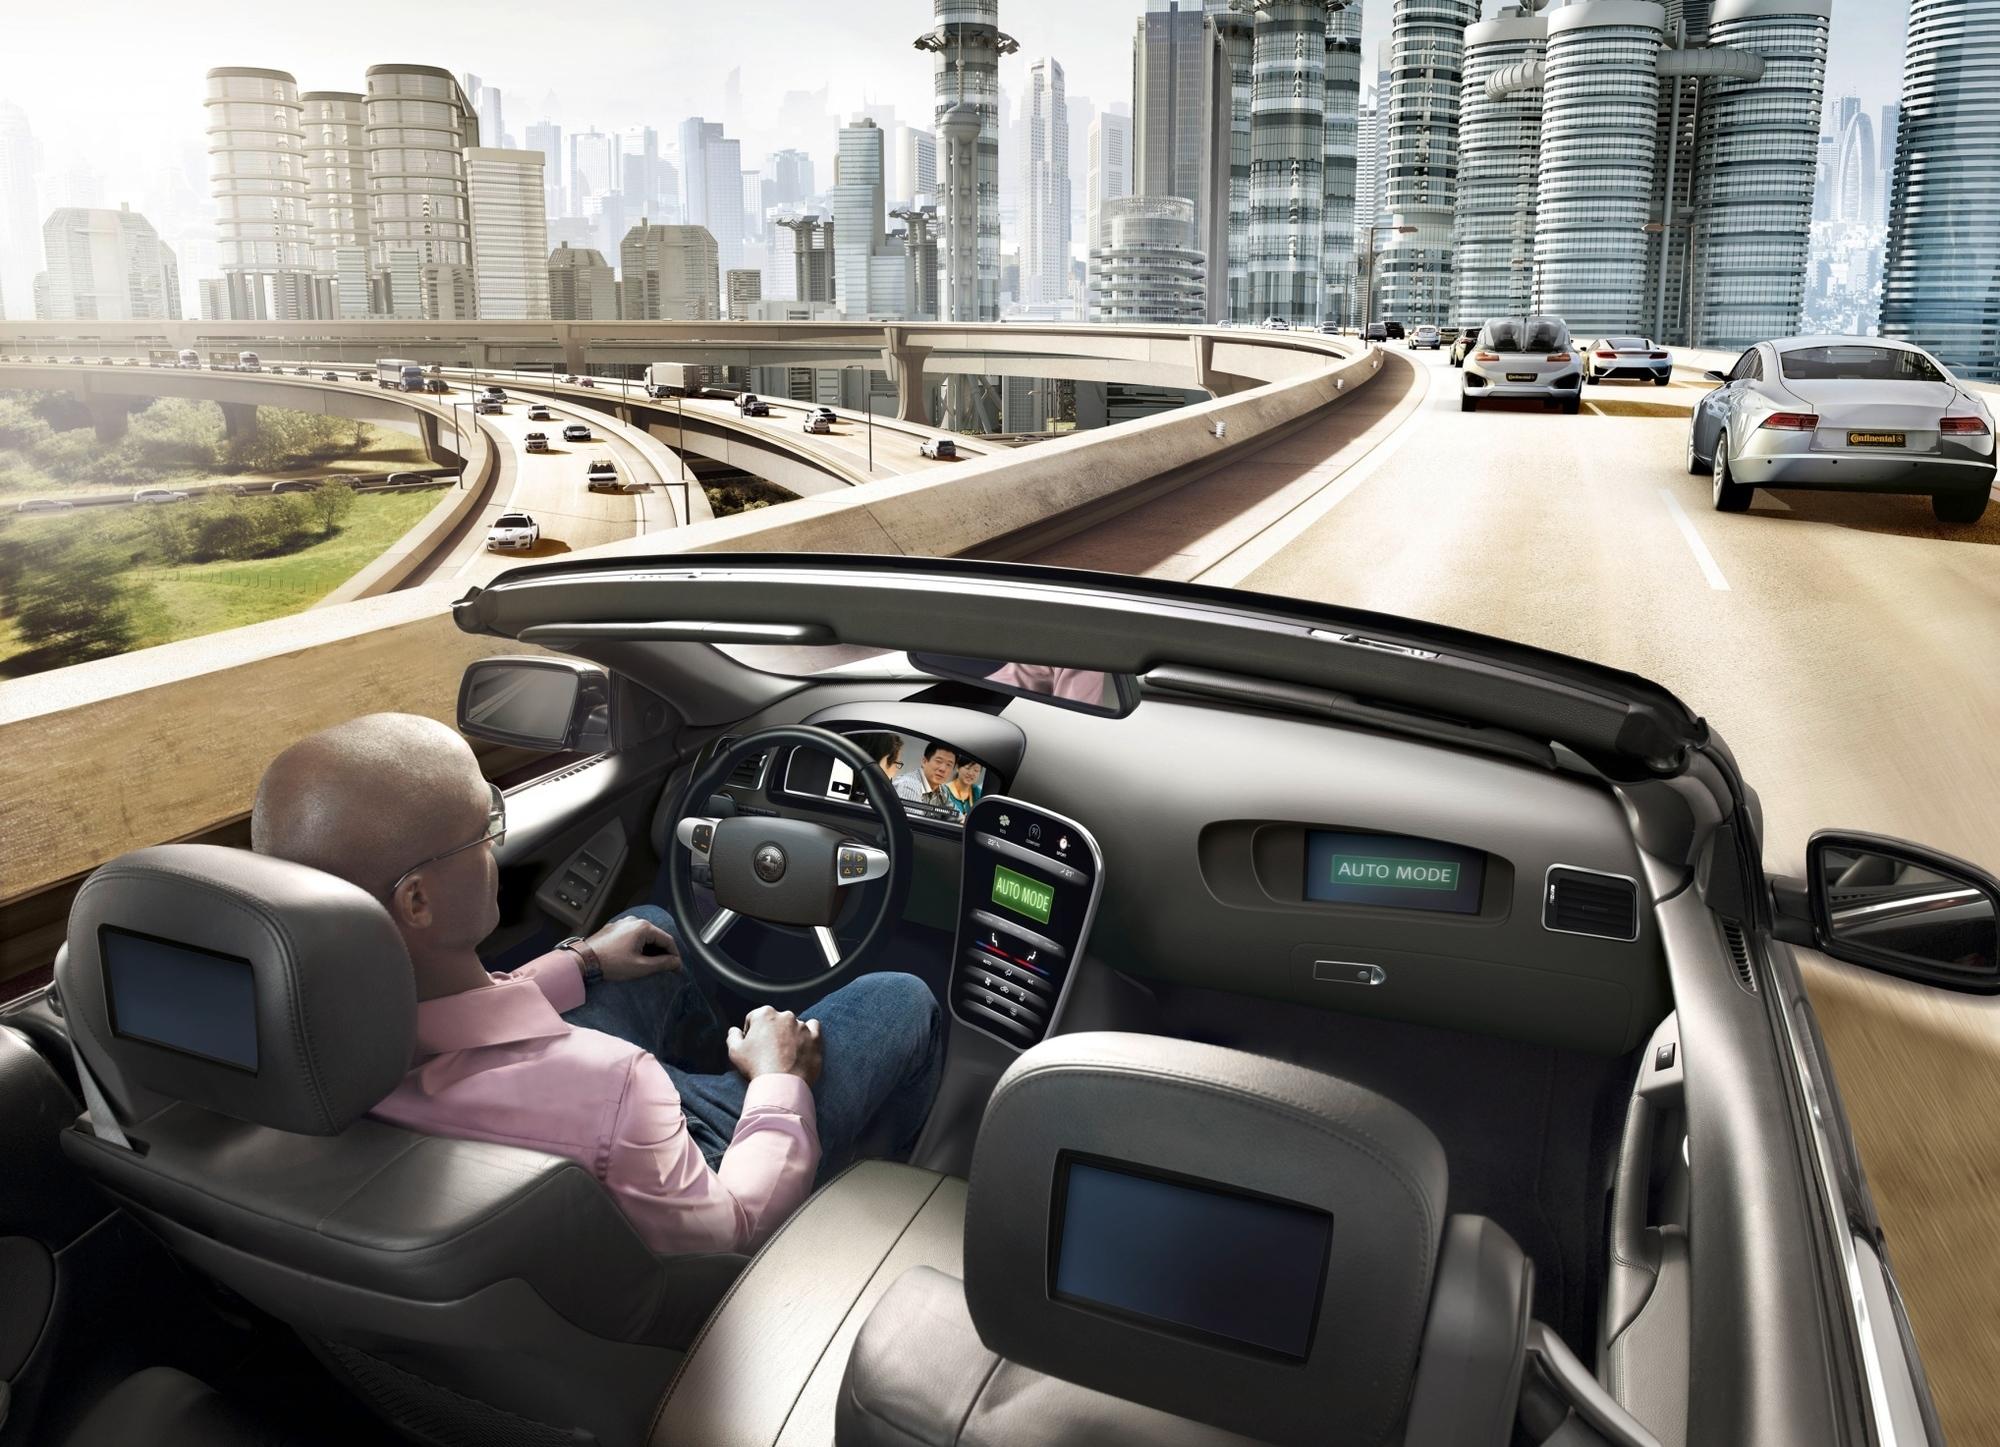 mid Düsseldorf - Während der Fahrt das Steuer loslassen zu können, um E-Mails zu lesen, gehört zu den Zielen des hochautomatisierten Fahrens.